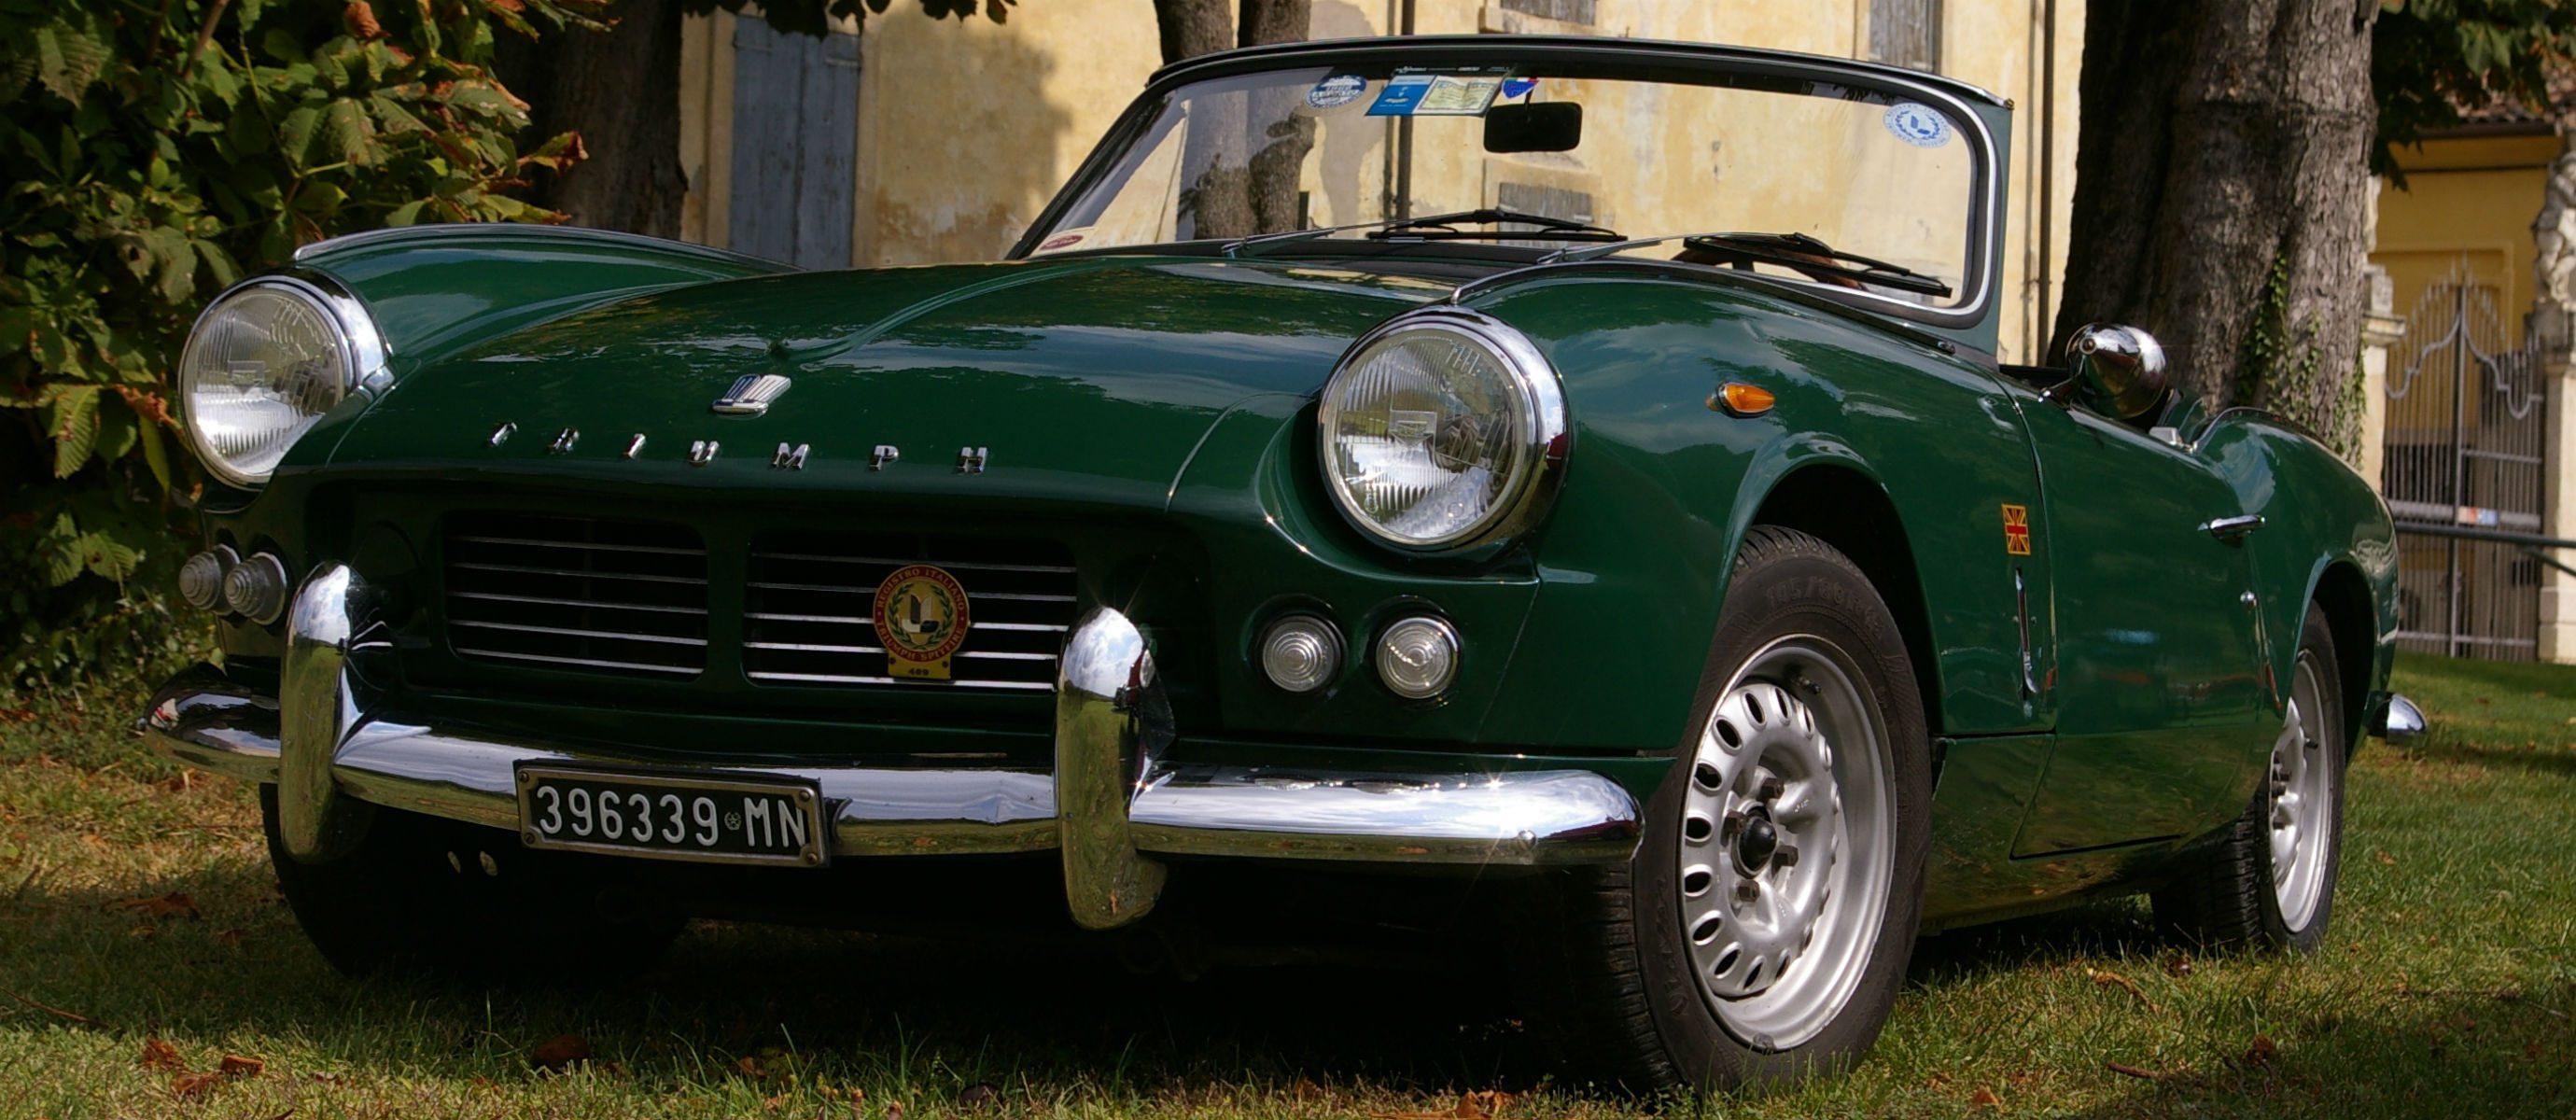 classiccar-main